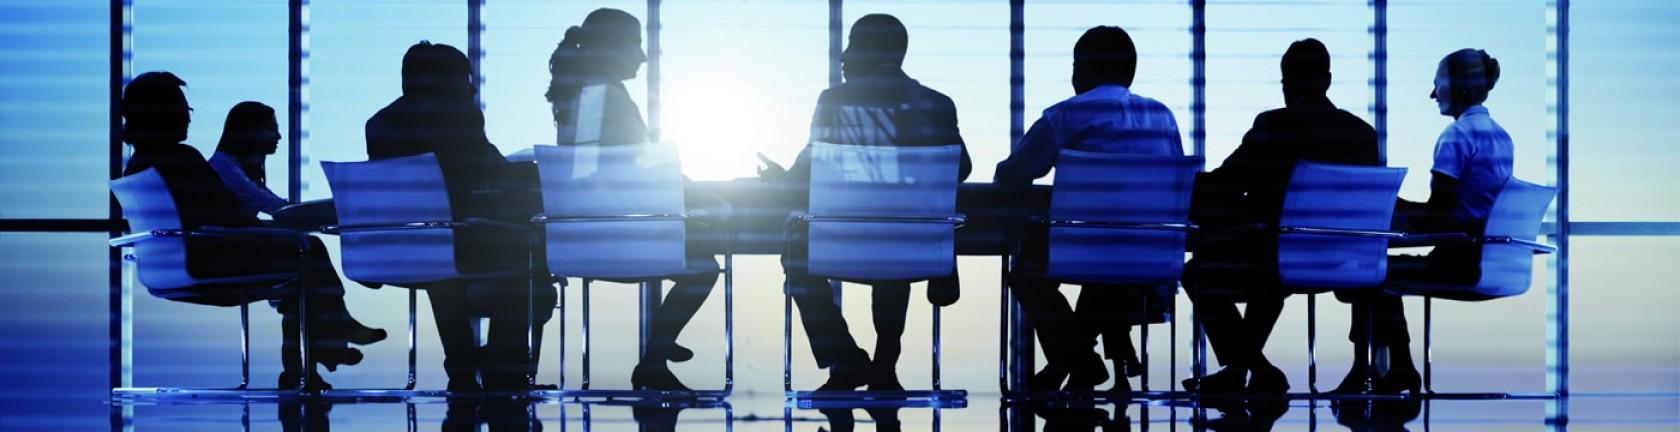 Actualités et vidéos - MBA Communication Publique & Influence EFAP Lille